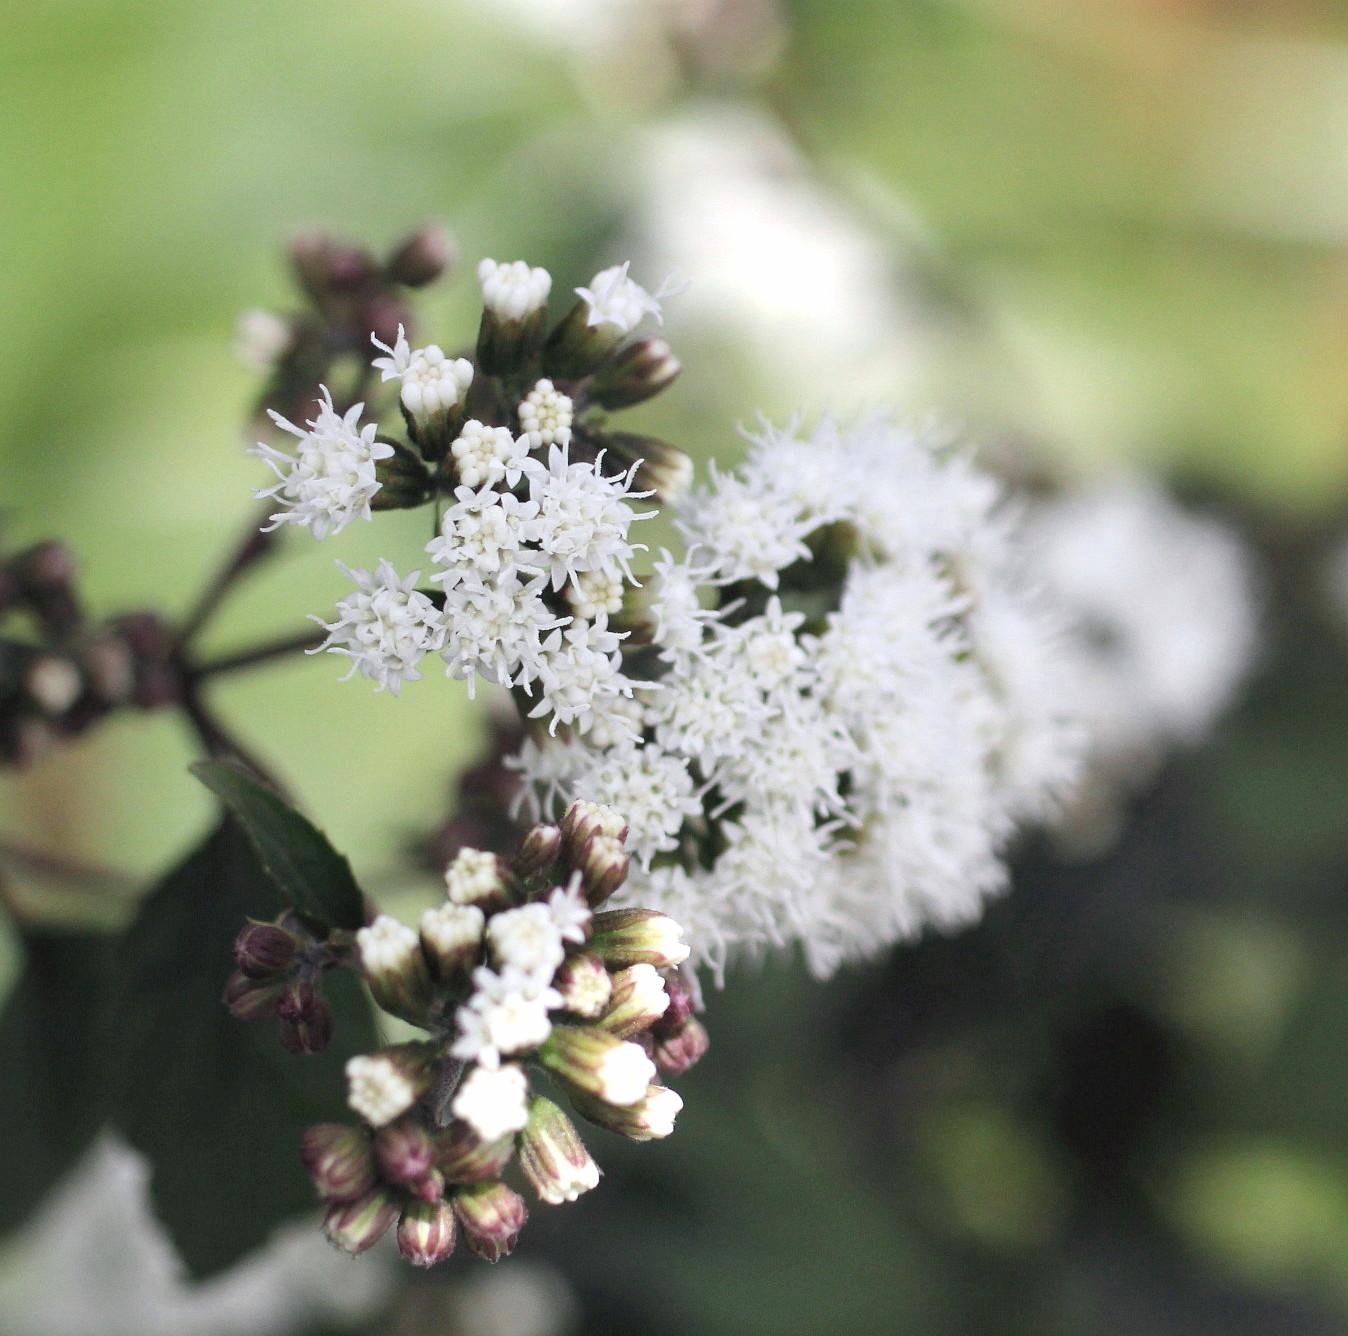 ◆花と虫_e0154682_21465321.jpg